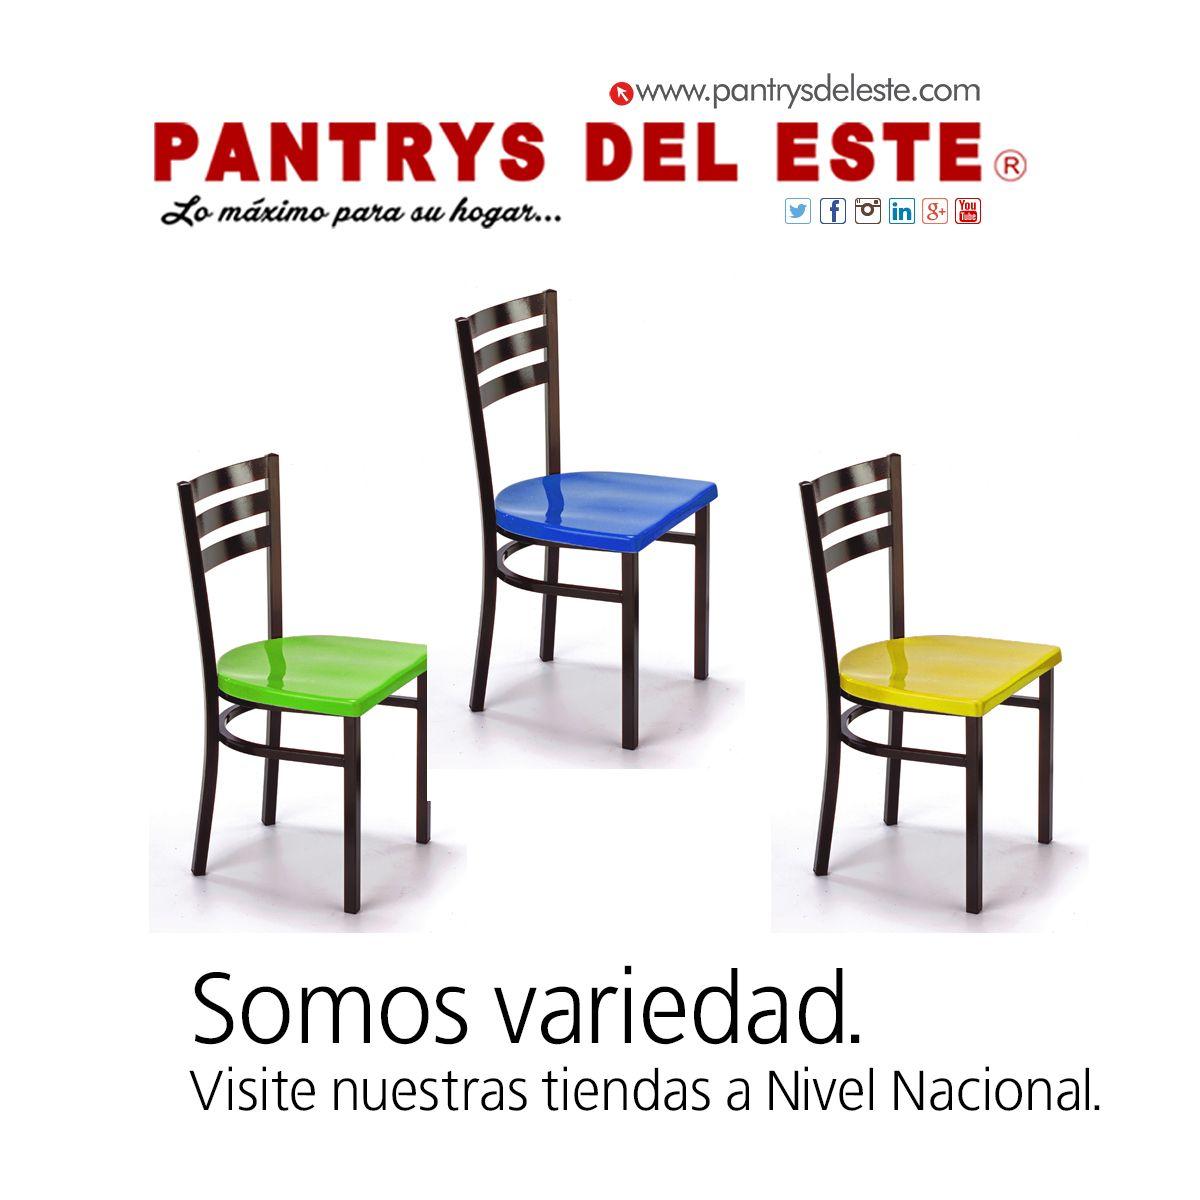 Pantrys Del Este Visitanos En Nuestra Tienda Idearredo Centro  # Muebles Hatillo